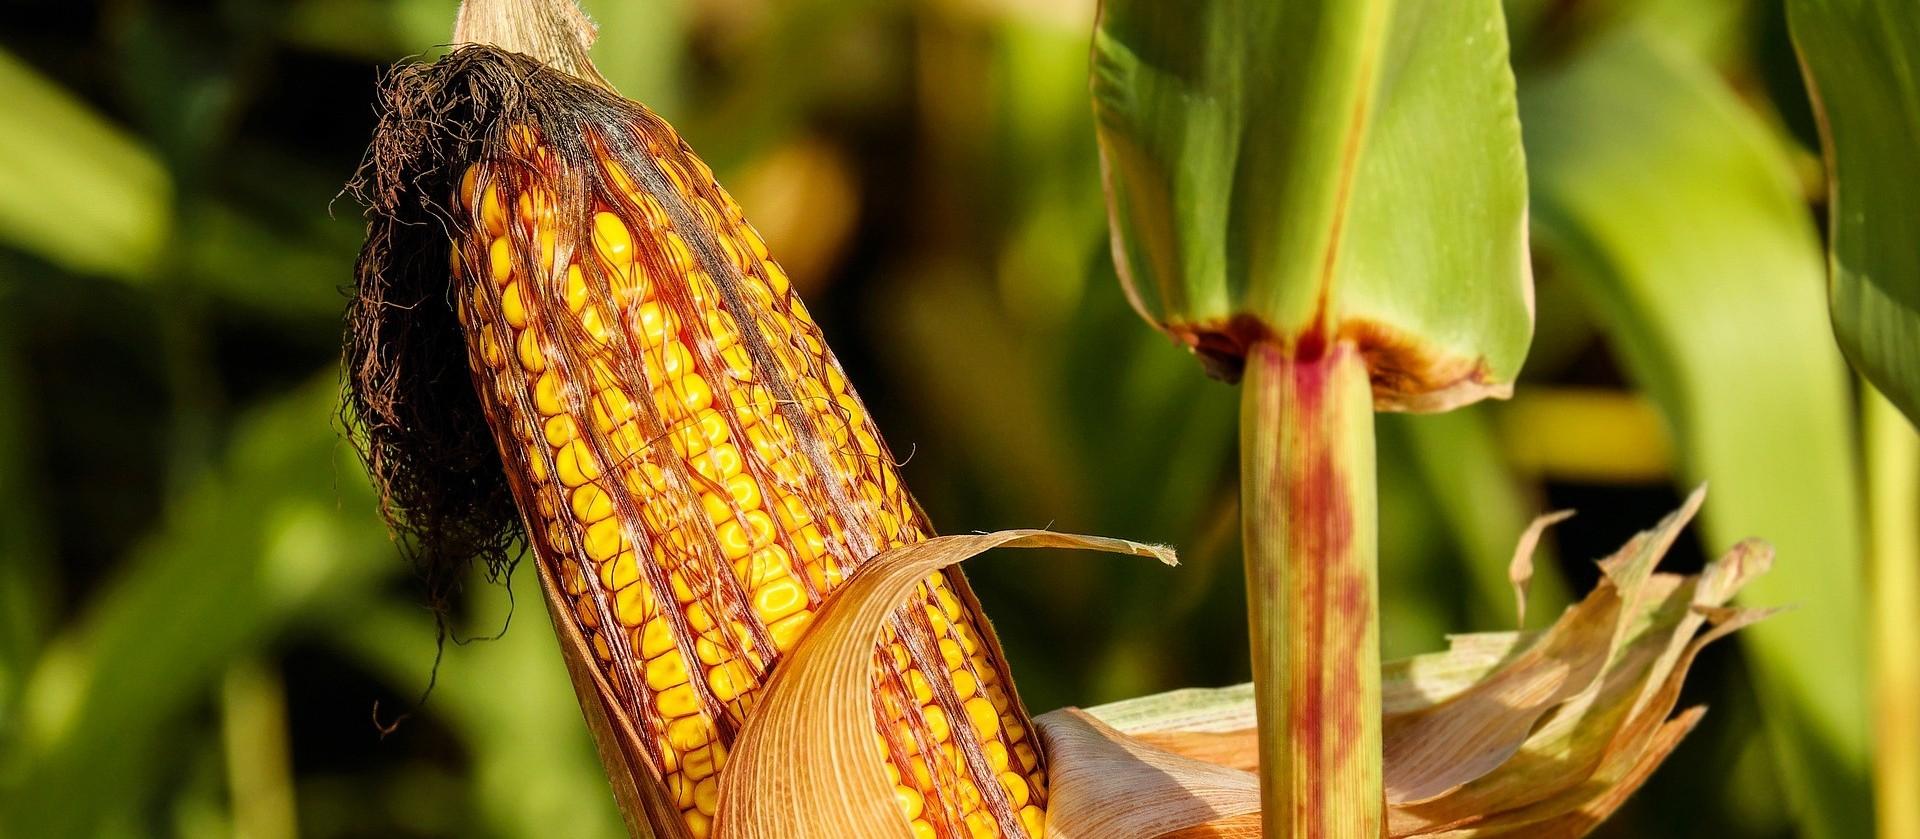 USDA vê safras recorde de milho e soja no Brasil em 2020/21